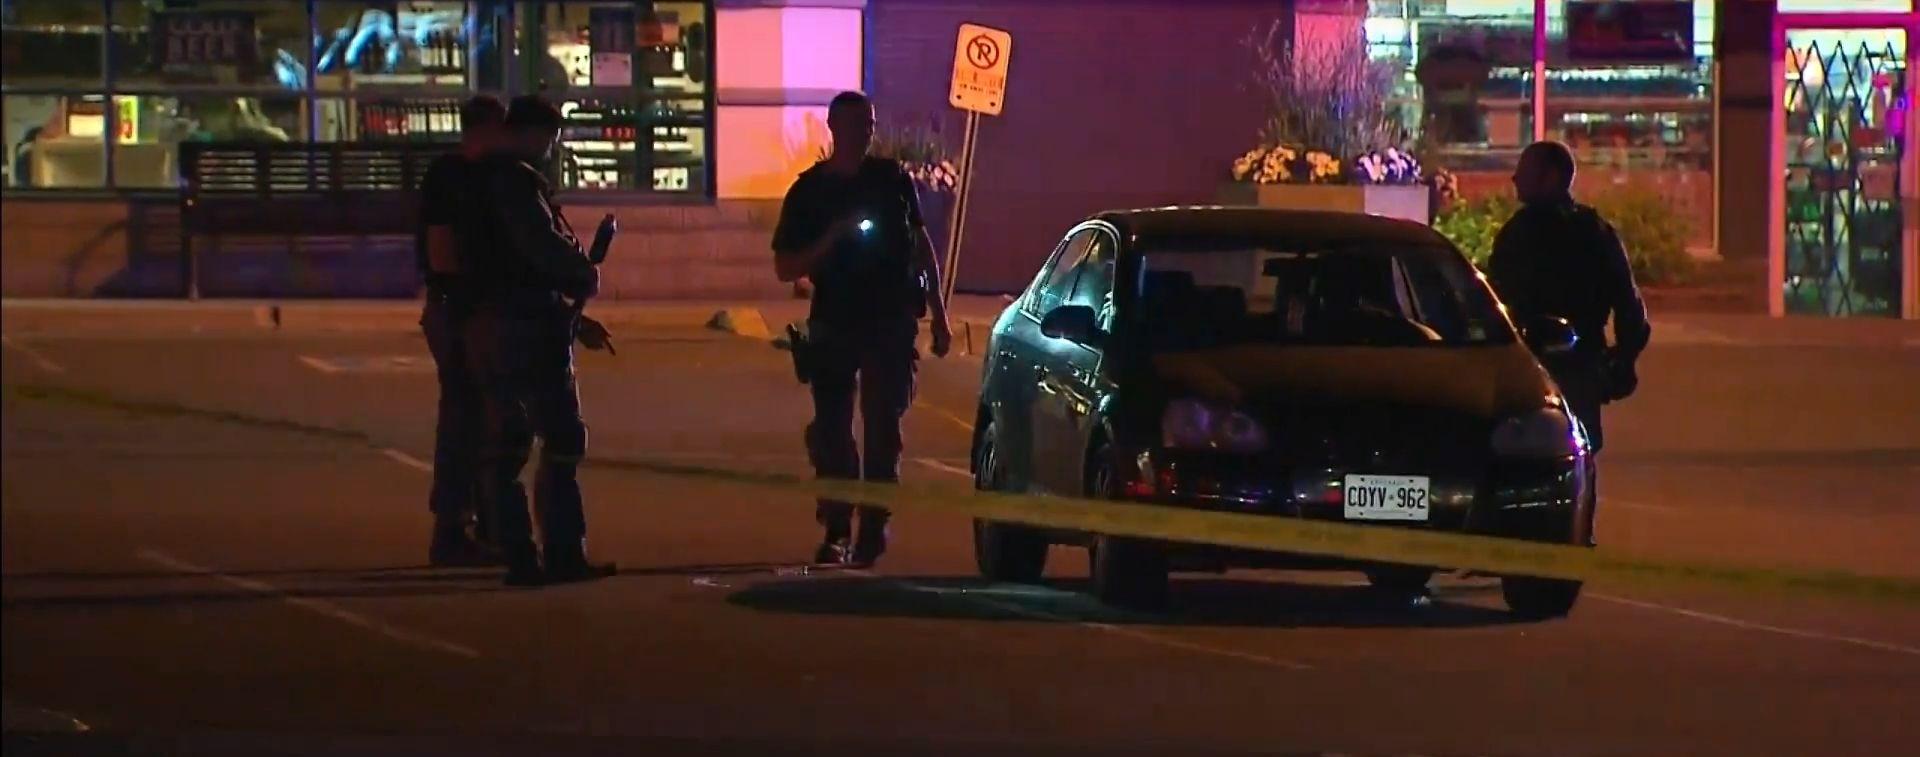 Dvojica muškaraca postavila bombu u restoran u Kanadi, ranjeno 15 ljudi